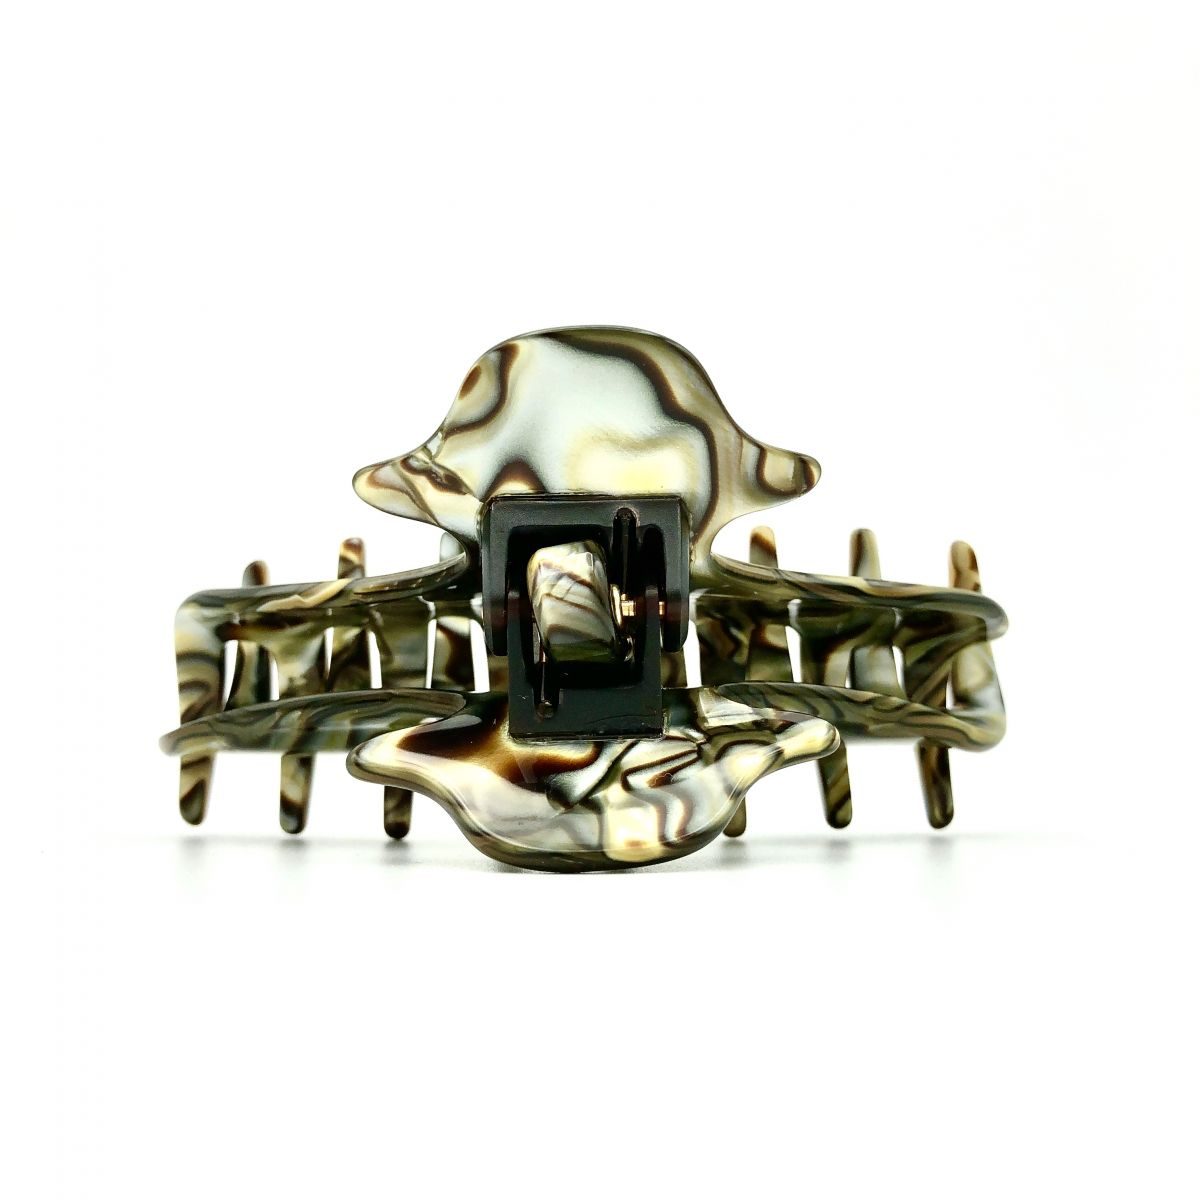 Haarklammer perlmutt/braun - mittel, eng - 9 cm